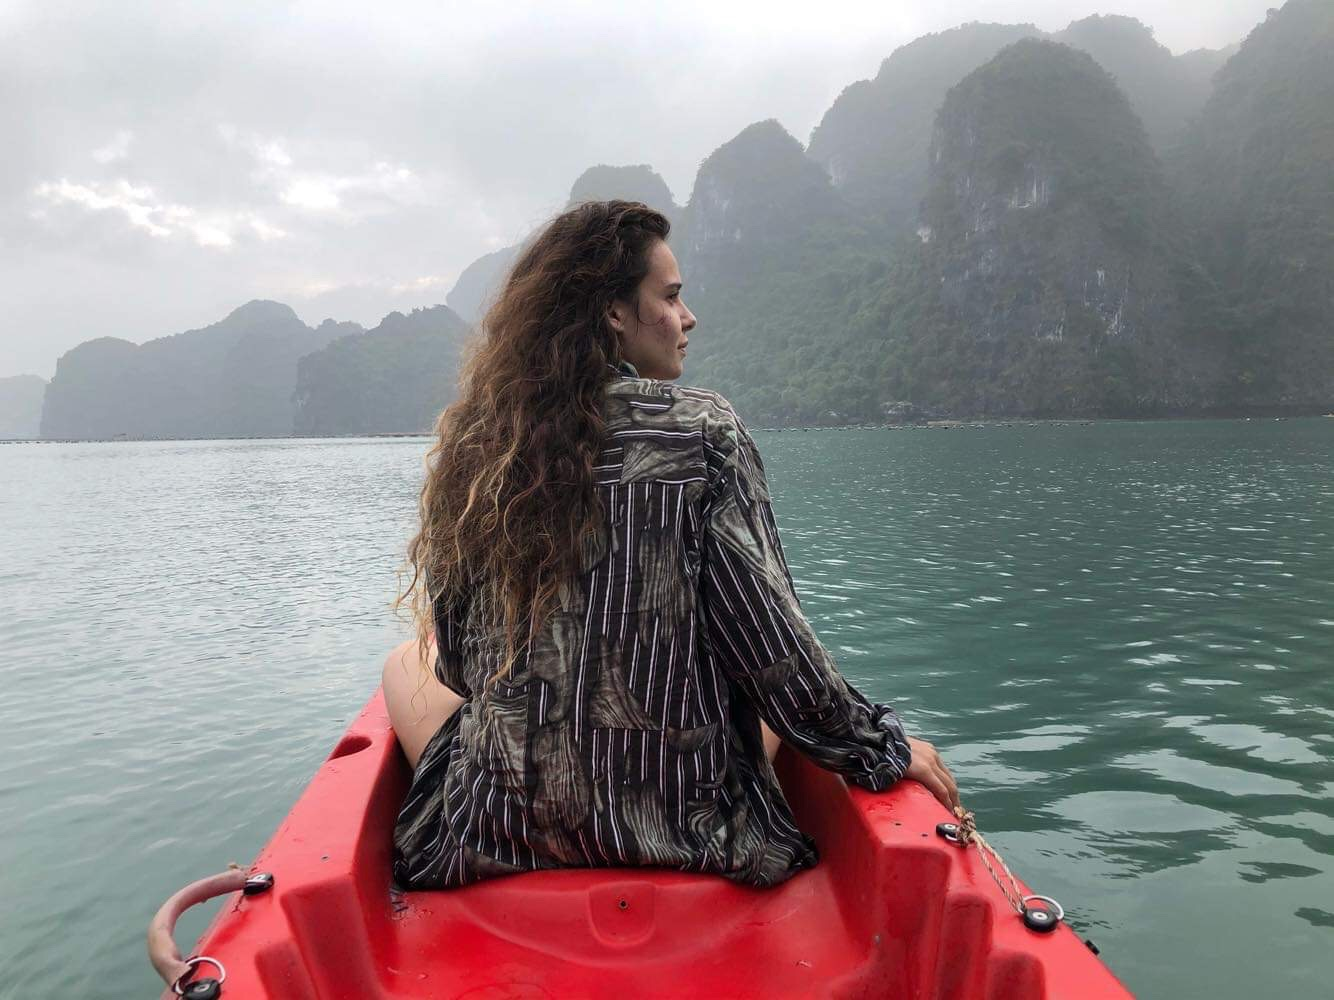 Duncan Kayaking in Hạ Long Bay, Vietnam